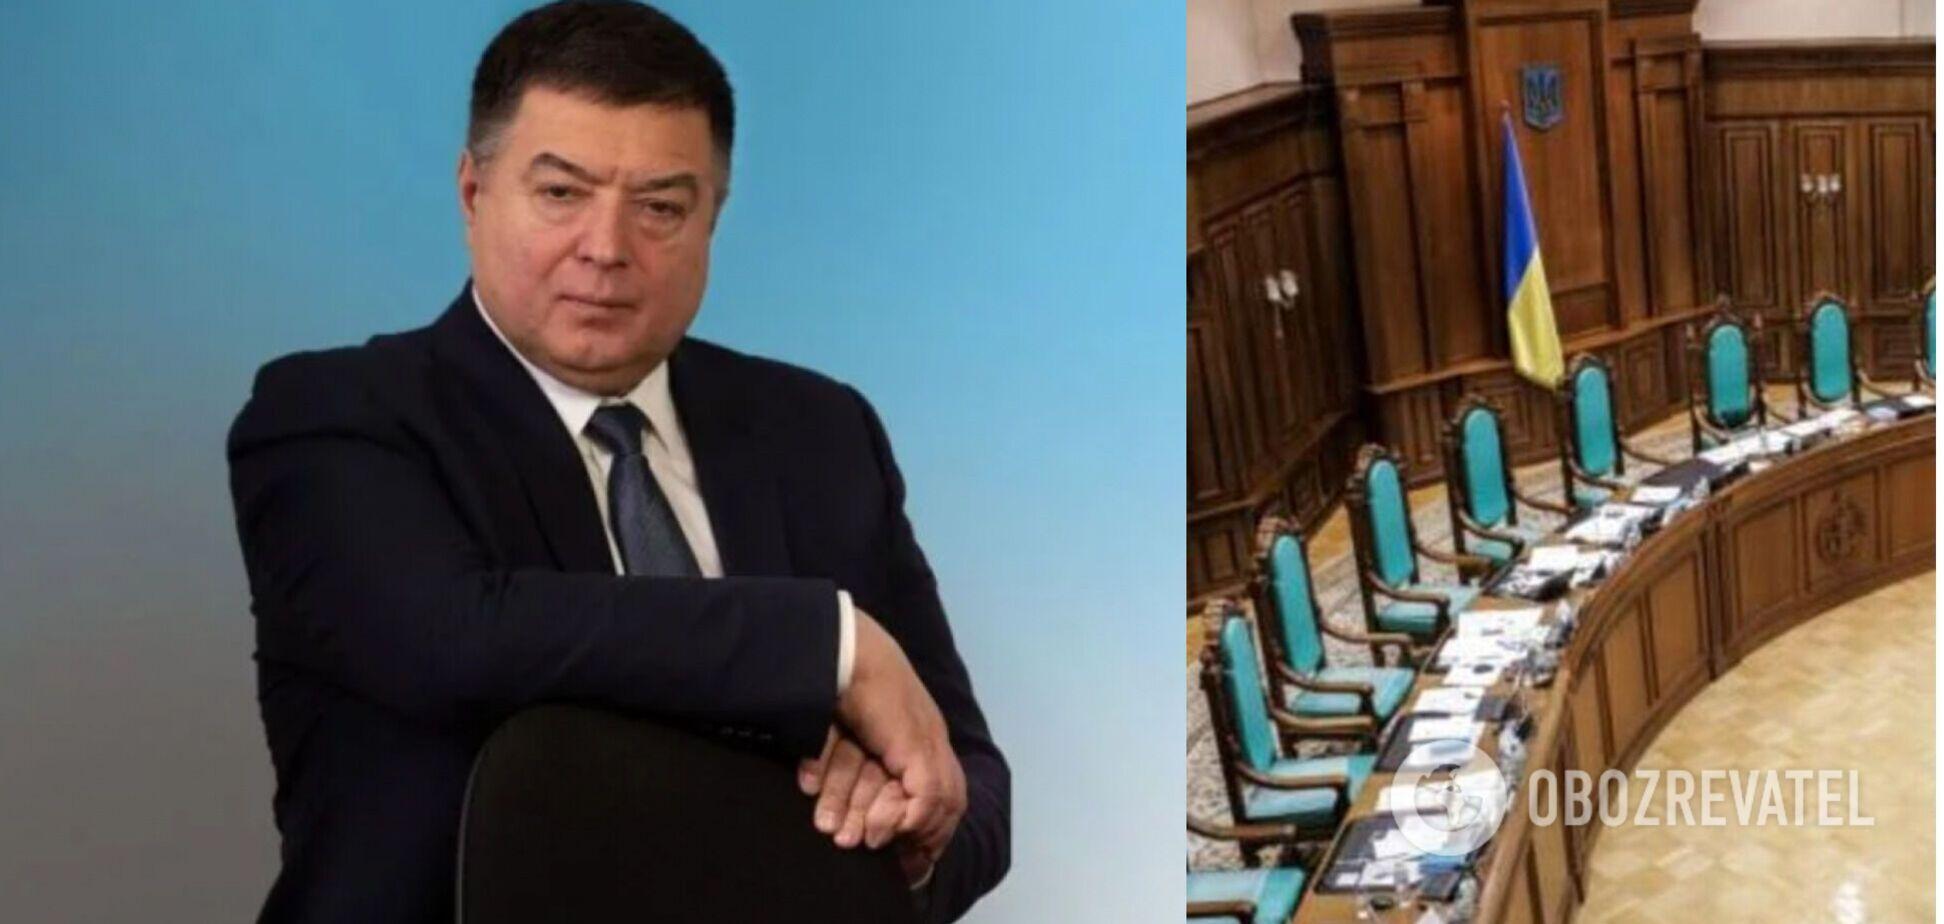 Тупицький не з'явився на суд з обрання йому запобіжного заходу